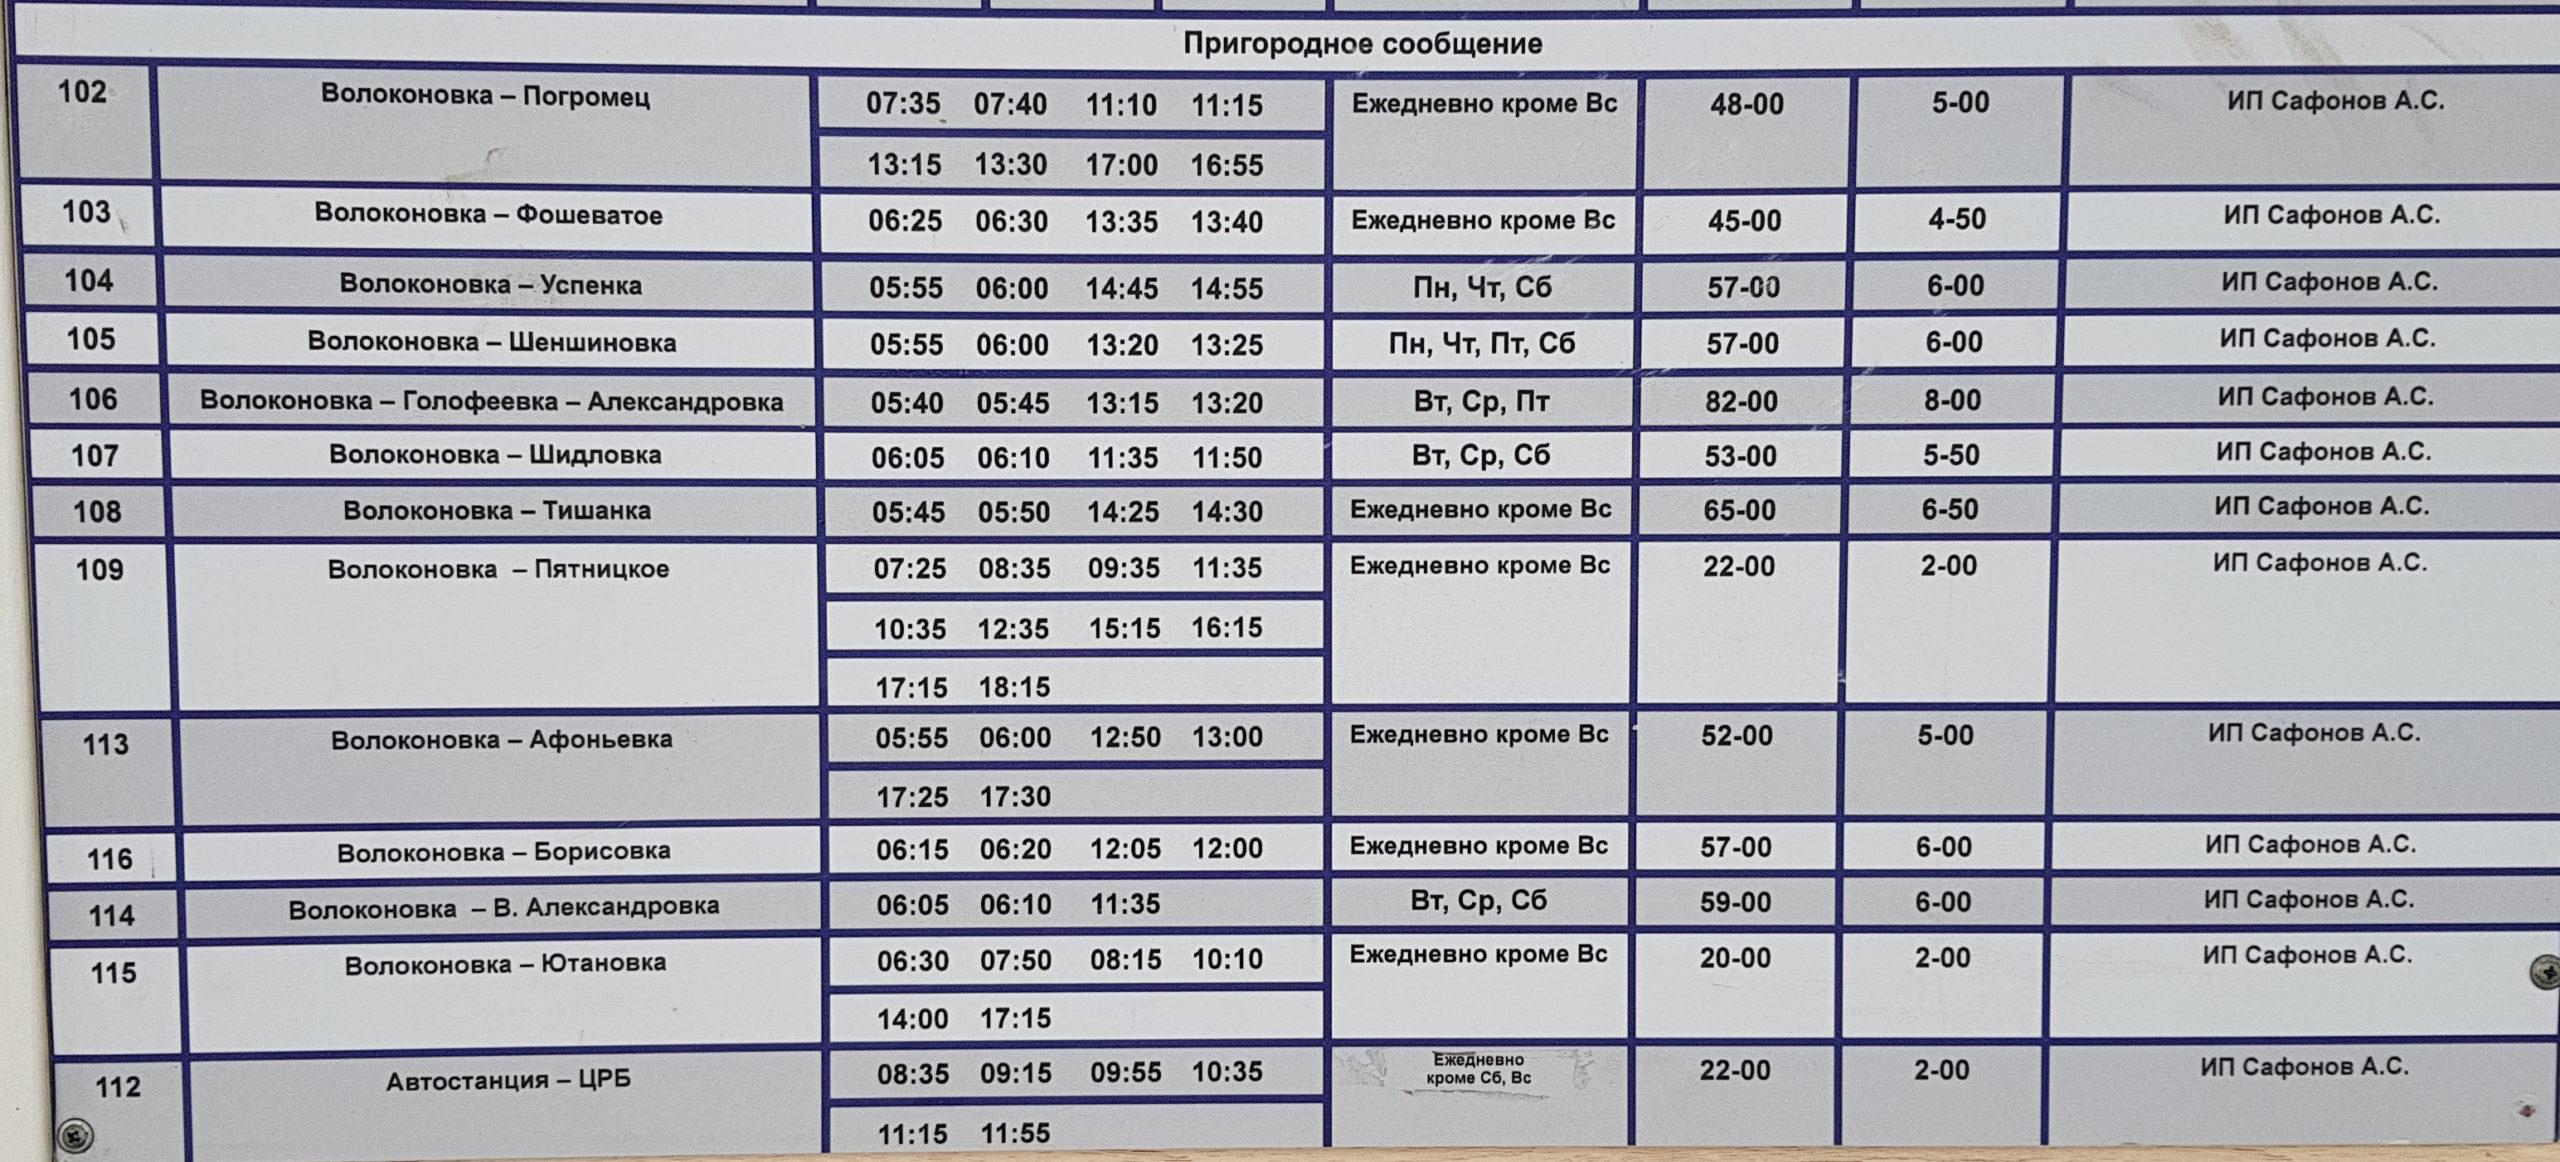 расписание Волоконовка